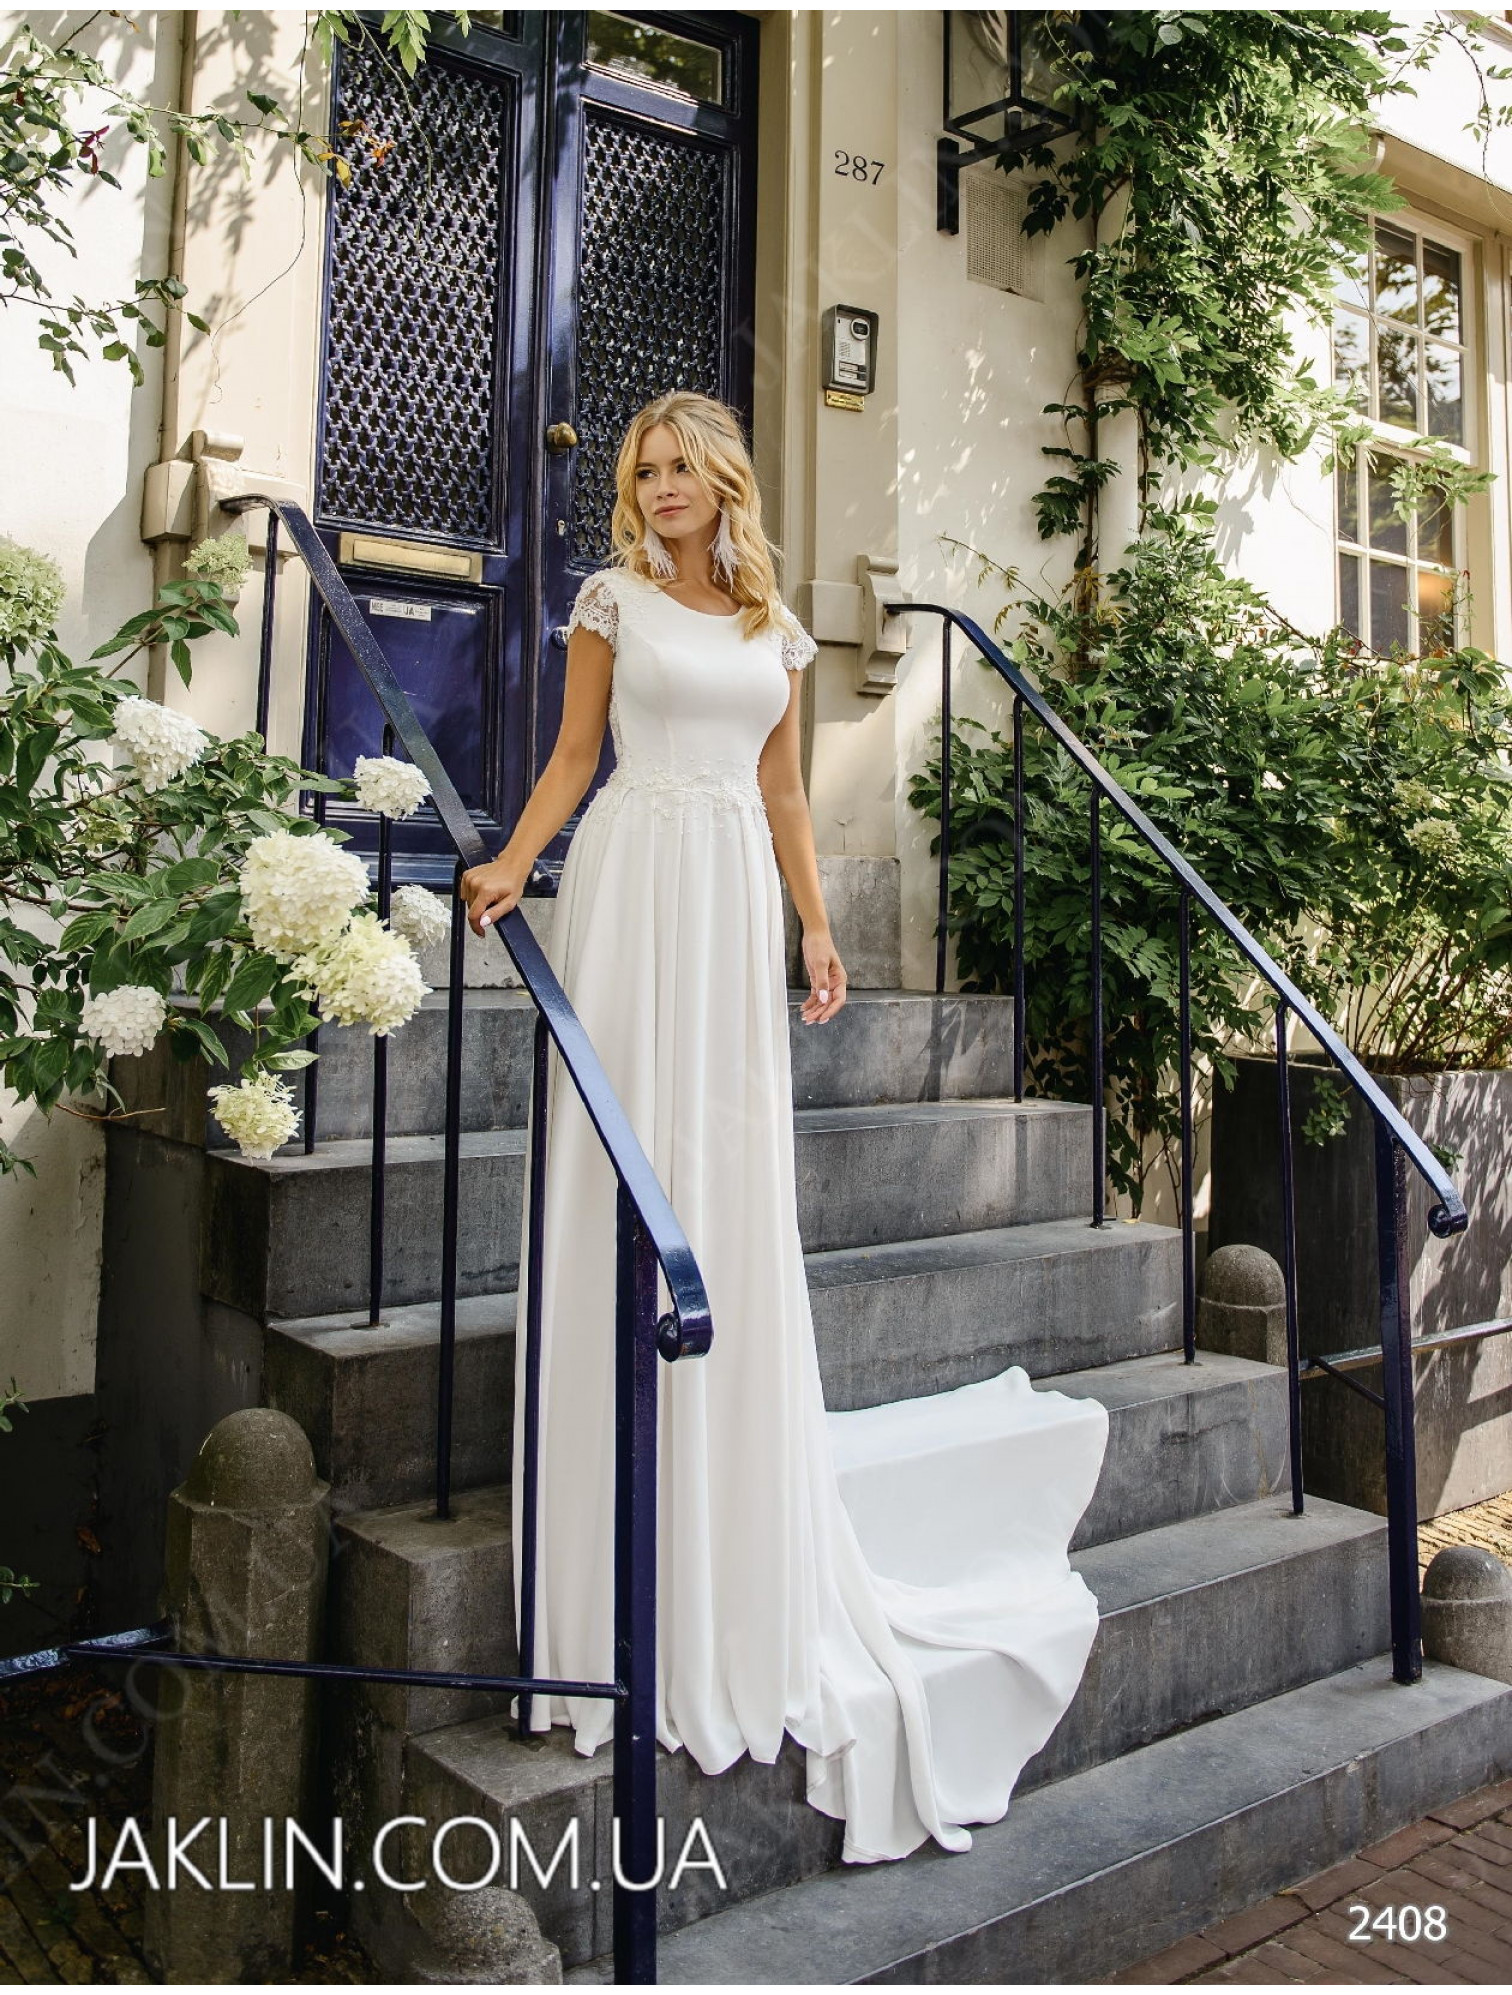 Весільна сукня 2408